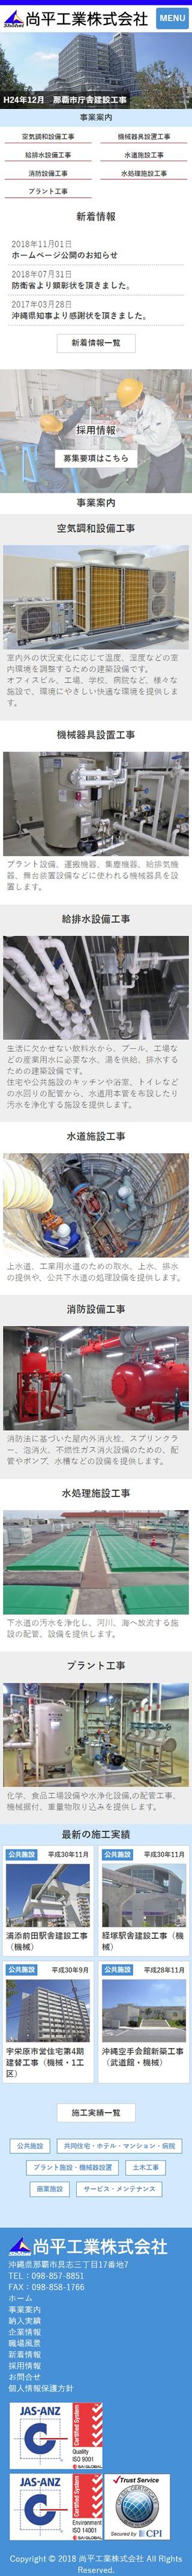 尚平工業株式会社